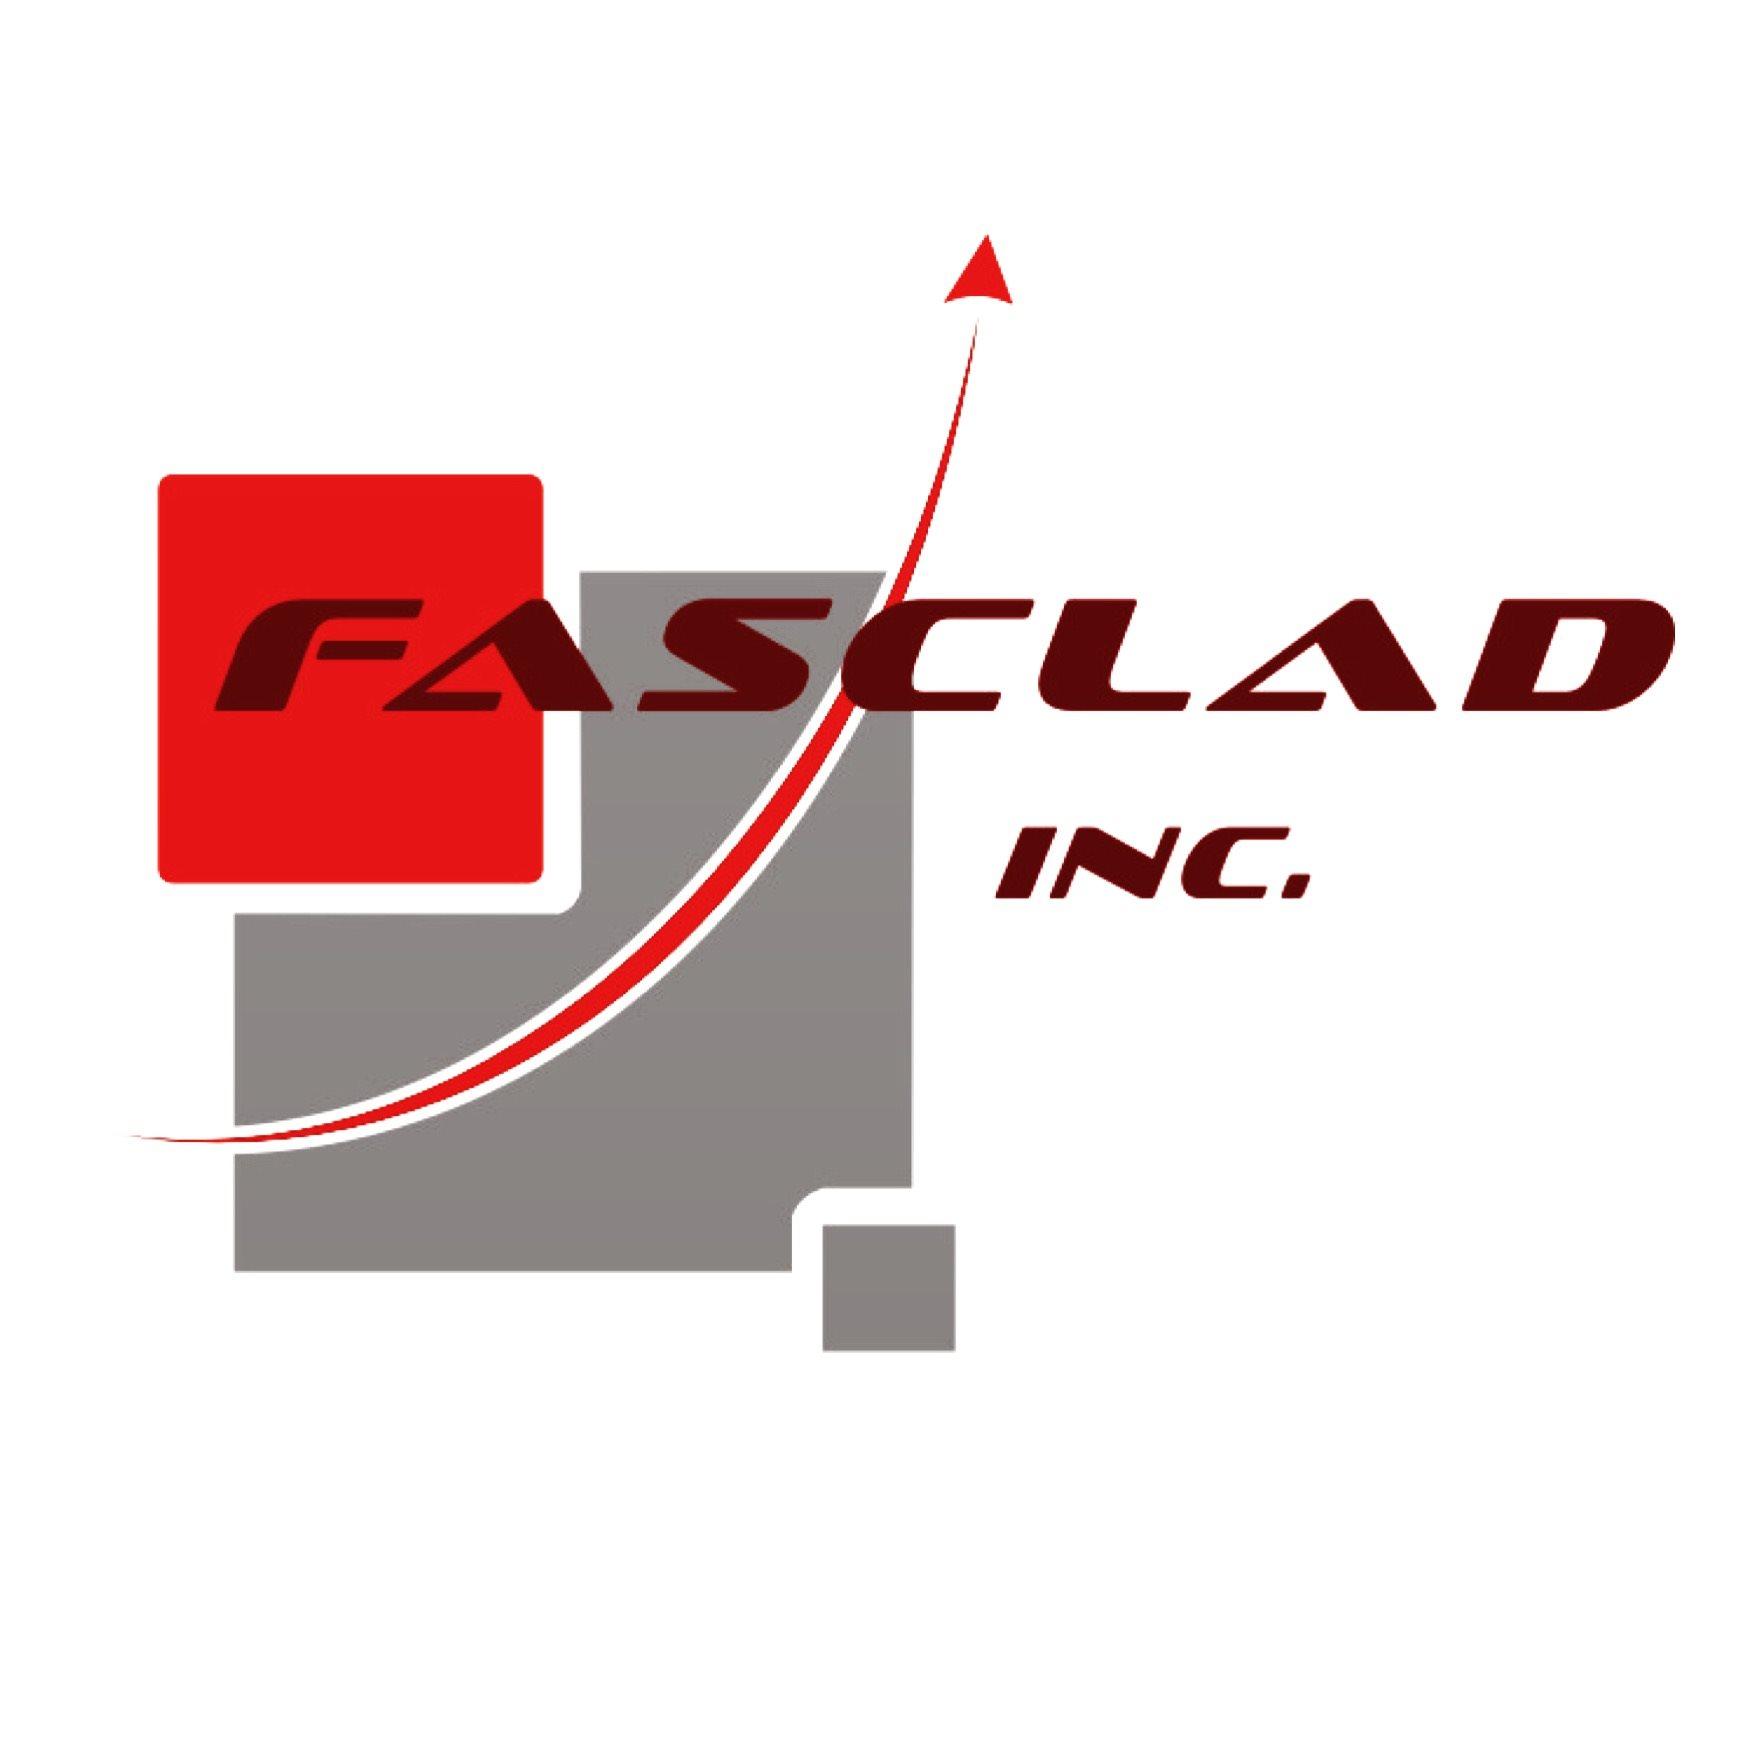 Fasclad Inc.